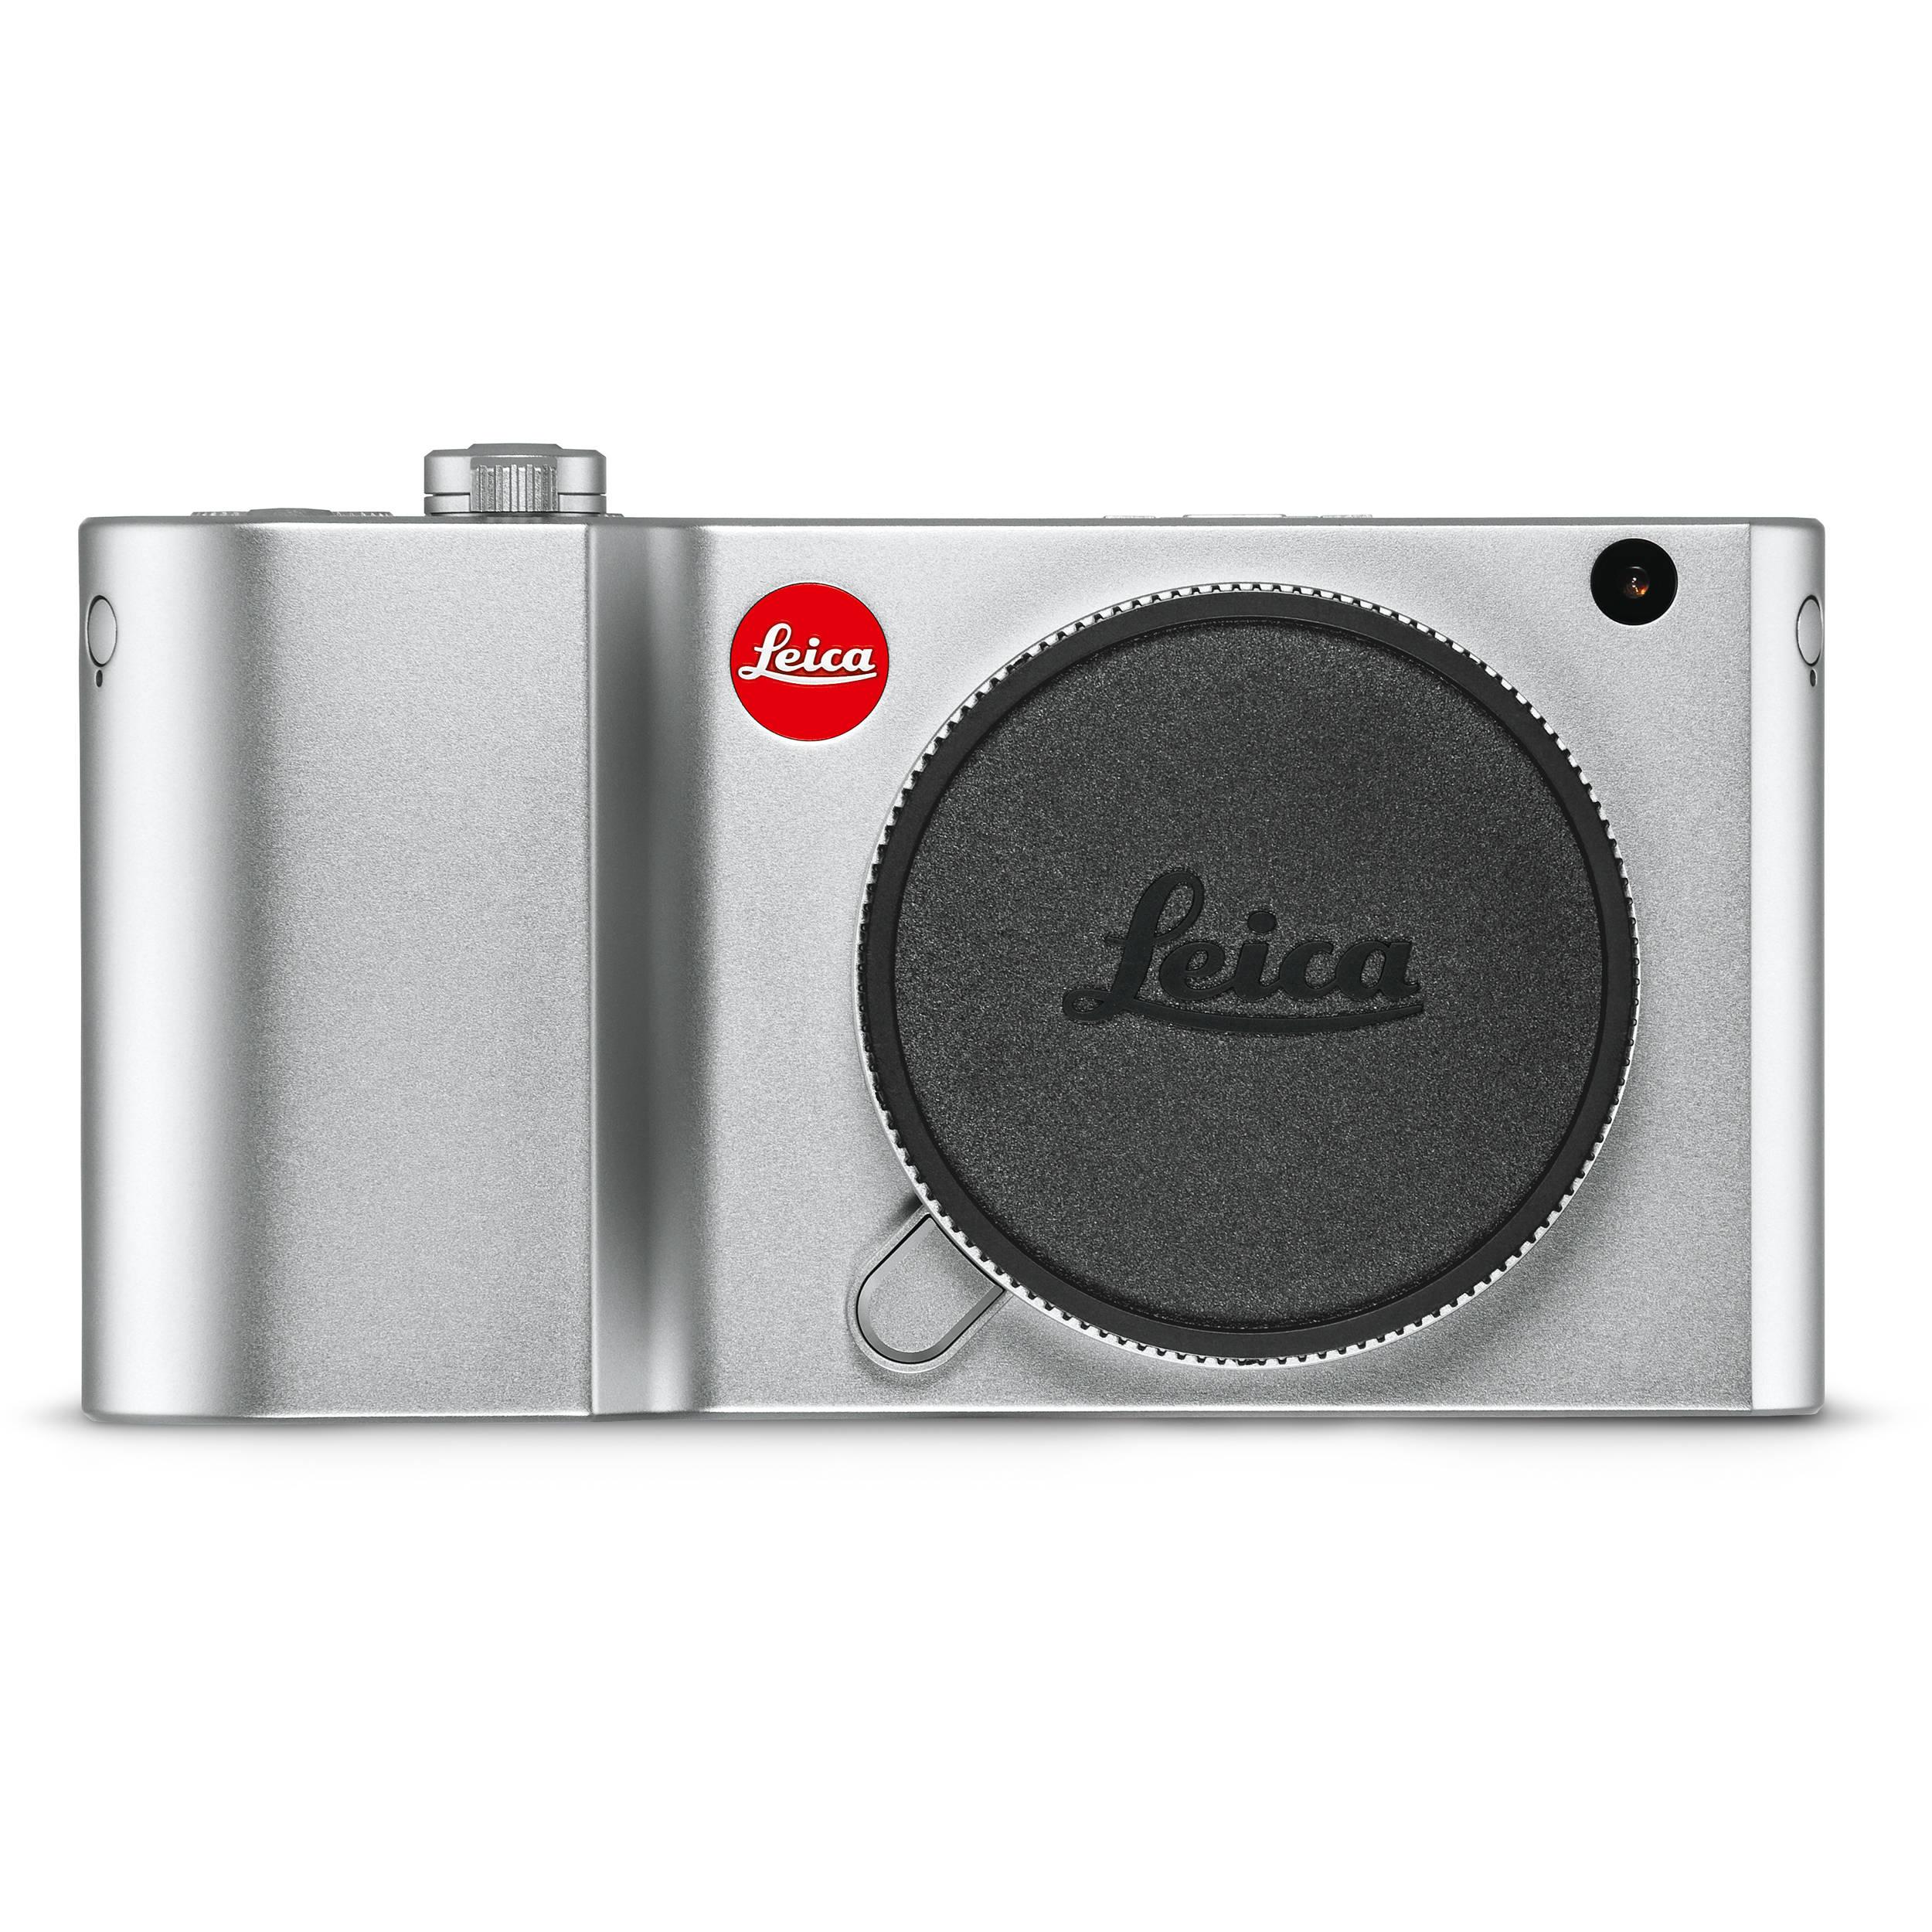 Leica TL2 Mirrorless Digital Camera (Silver) 18188 B&H Photo